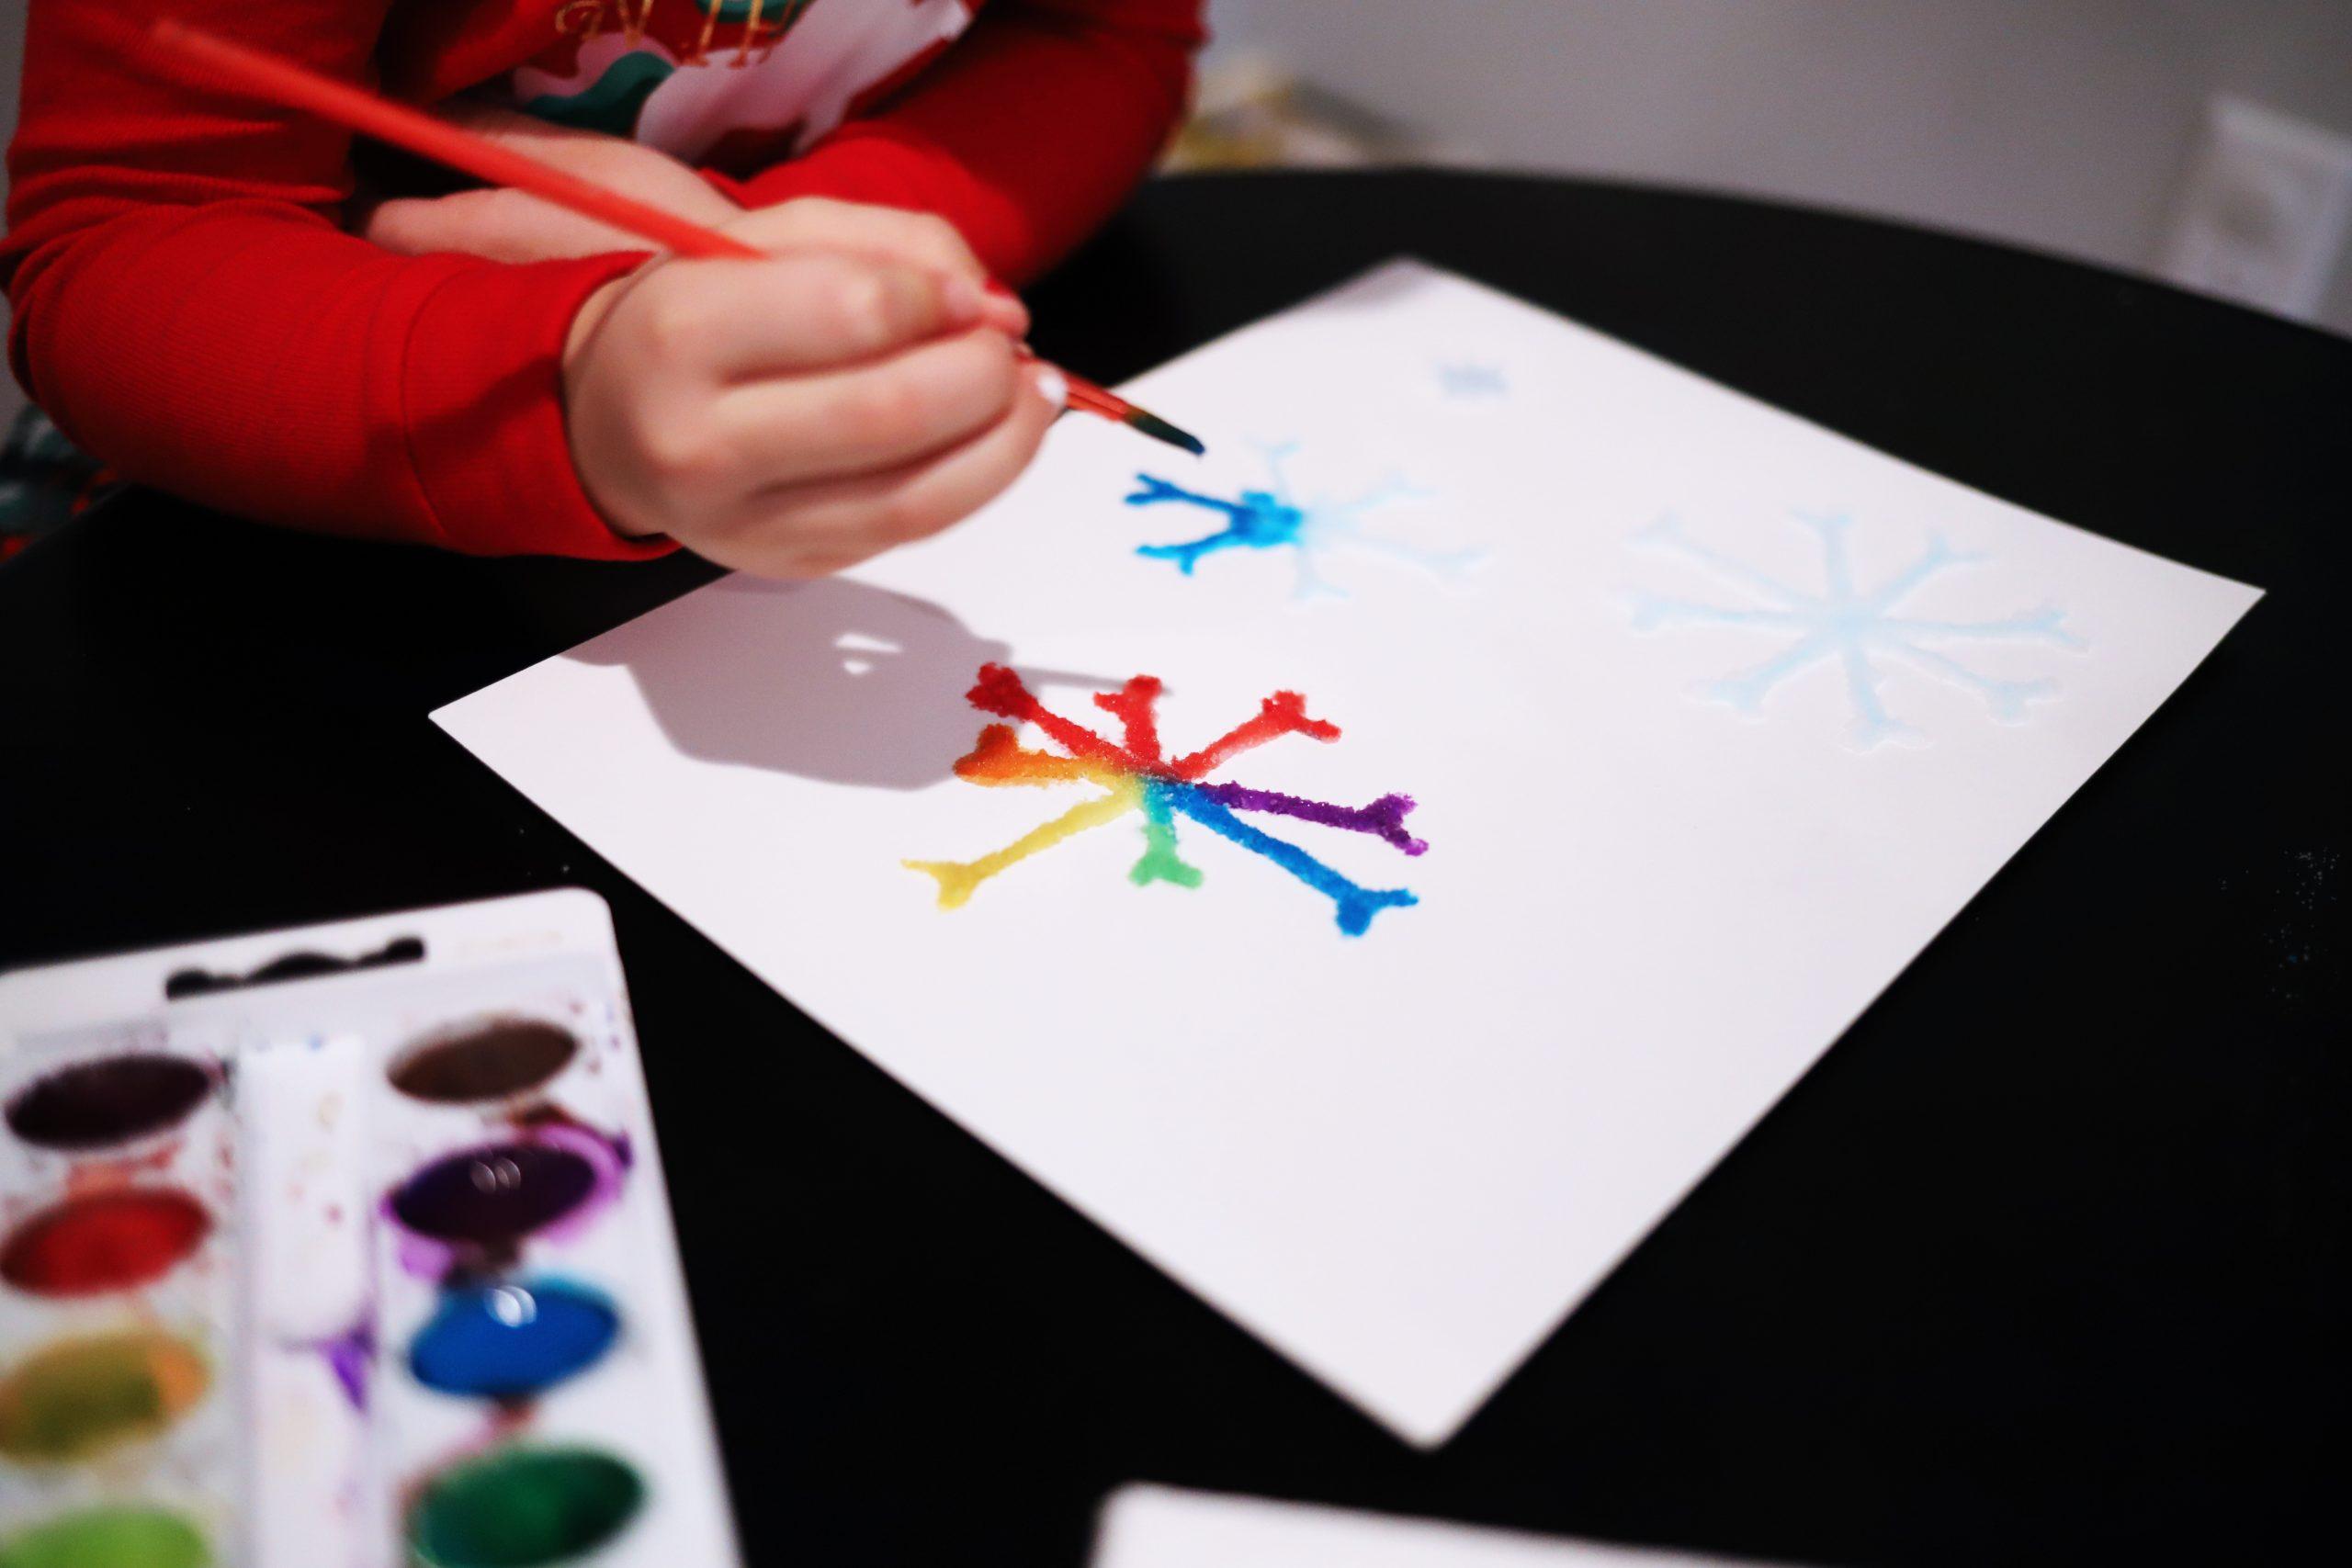 Salt Snowflake Painting